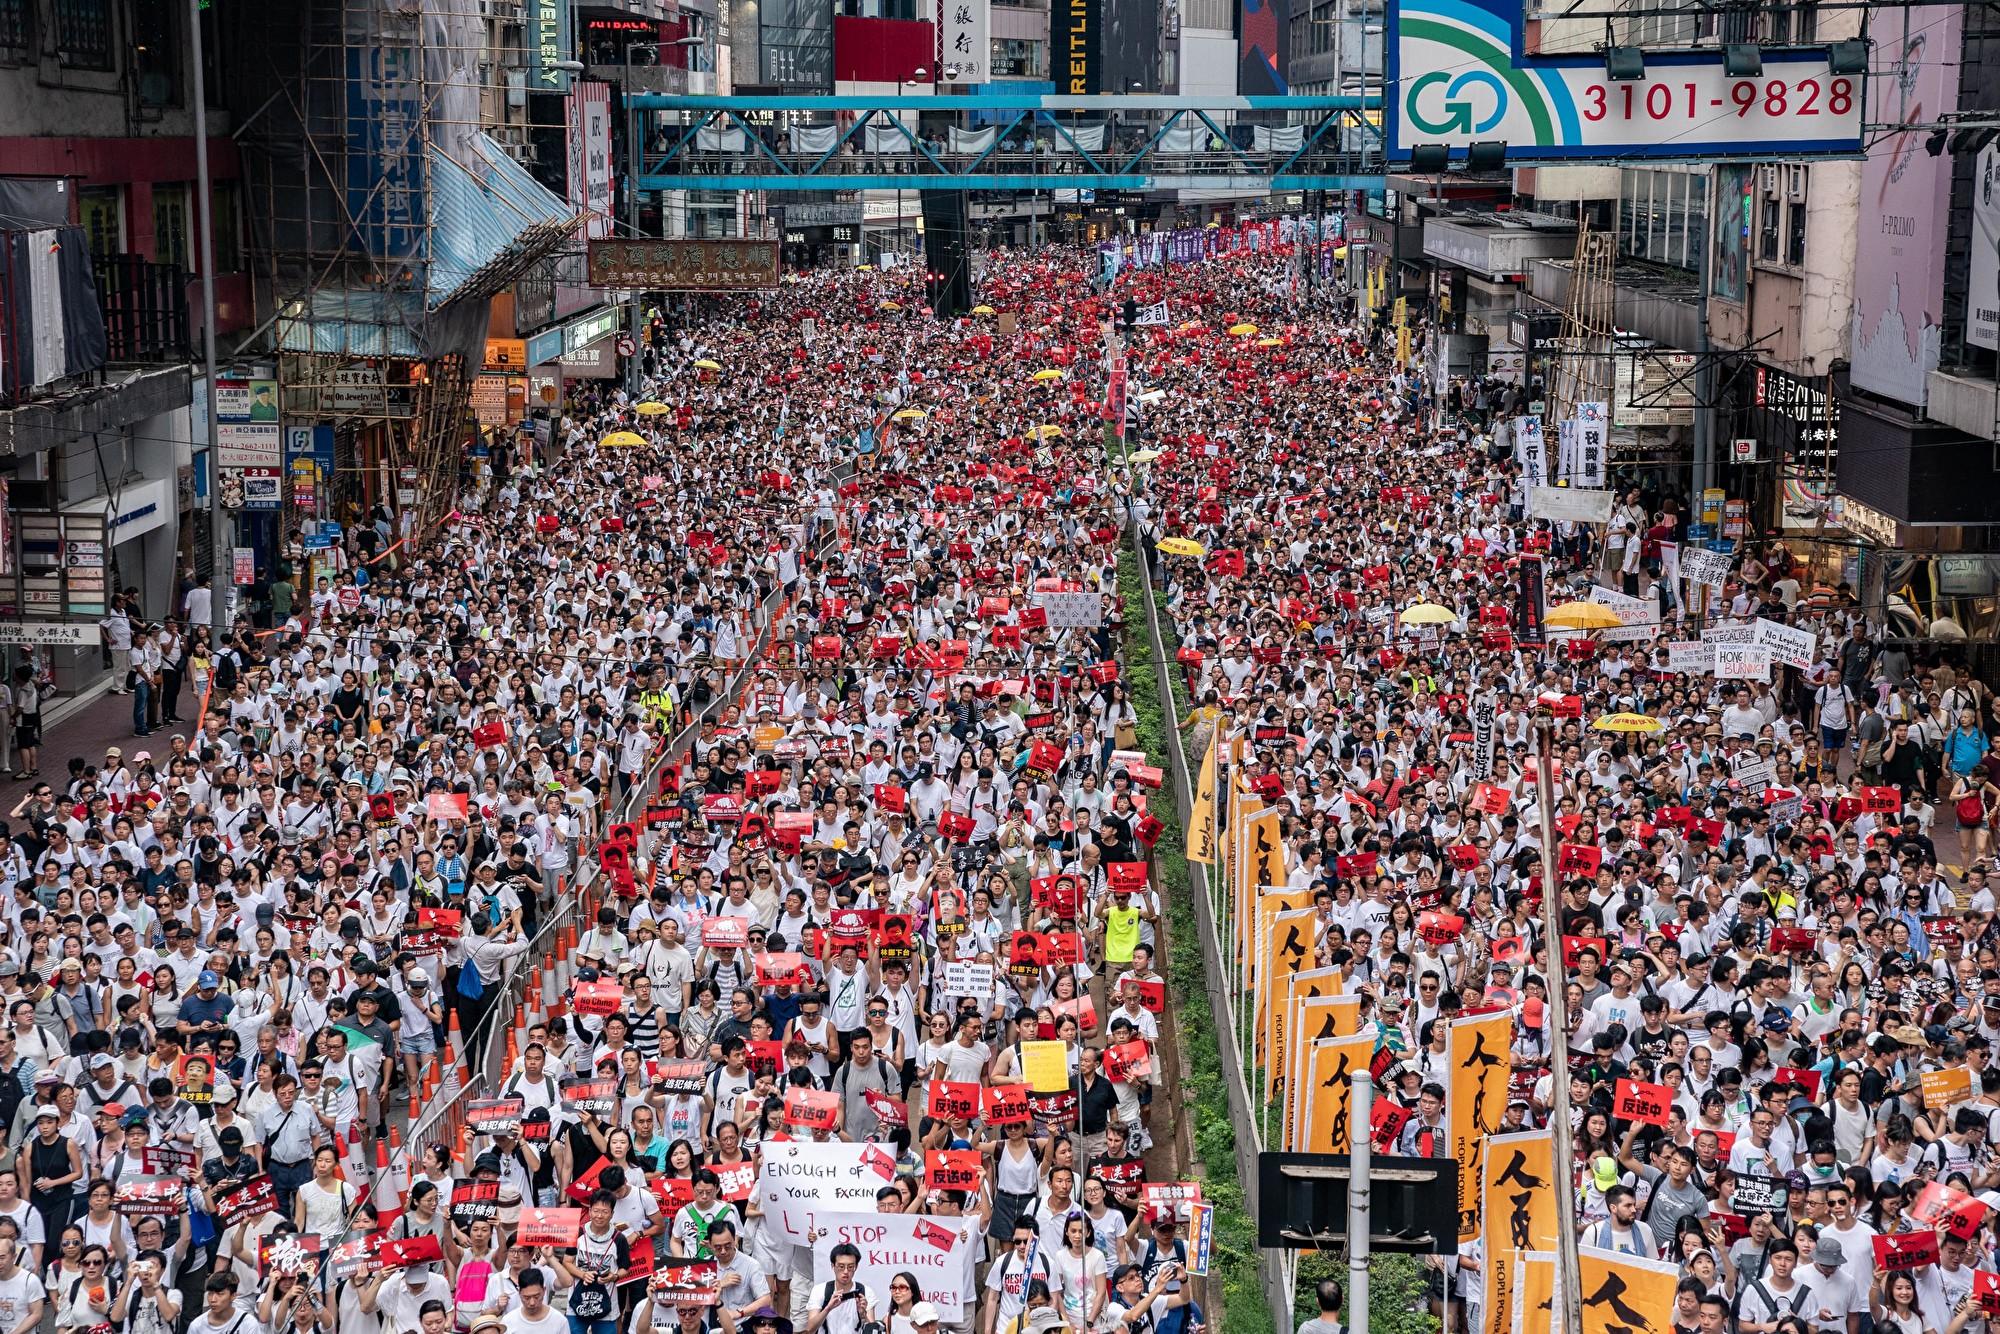 一文看懂 為何引渡條例引發全球抗議和譴責